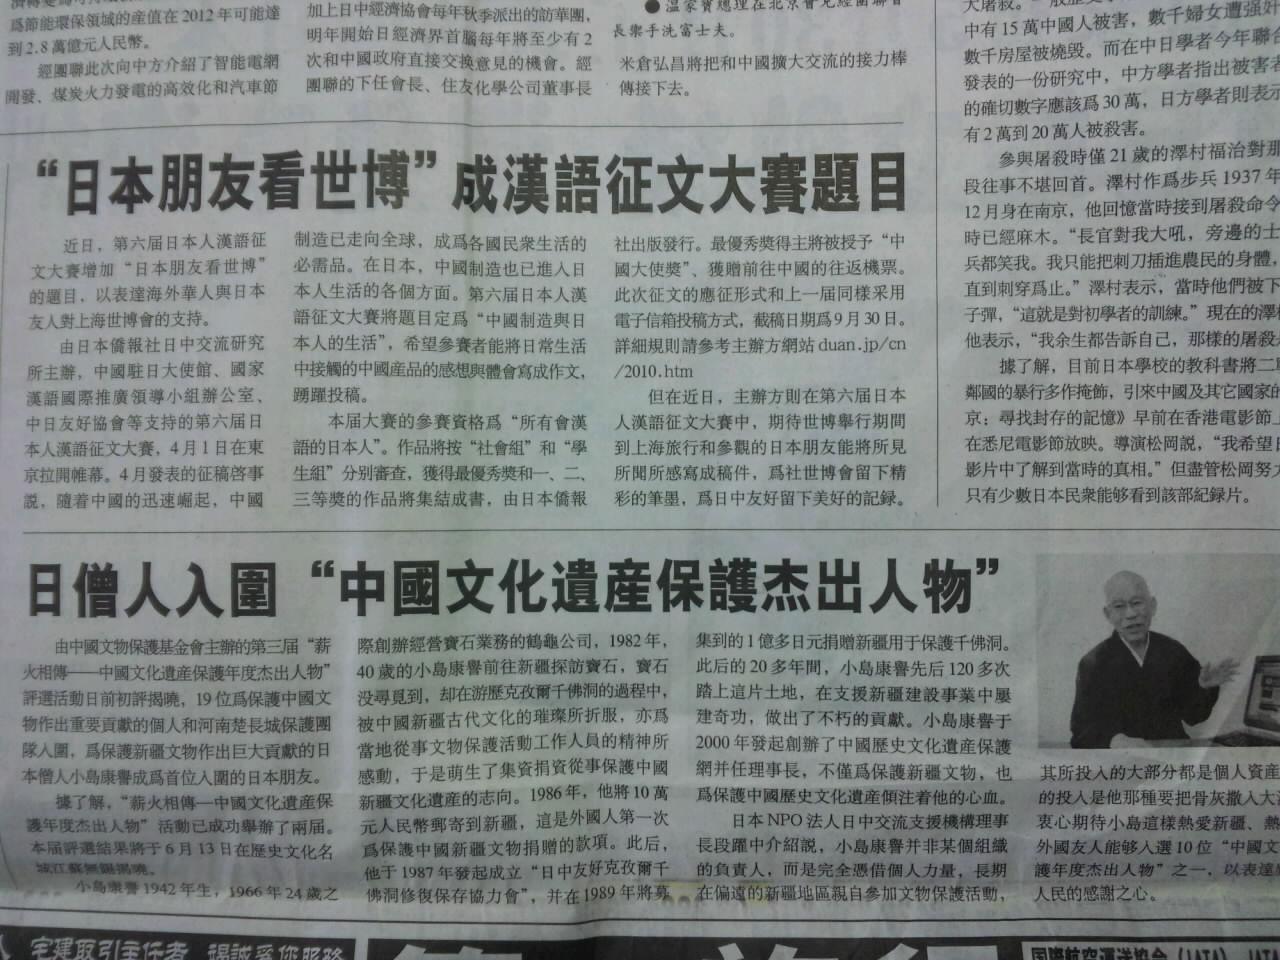 新華時報 作文コンクールテーマ追加を報道_d0027795_1443267.jpg